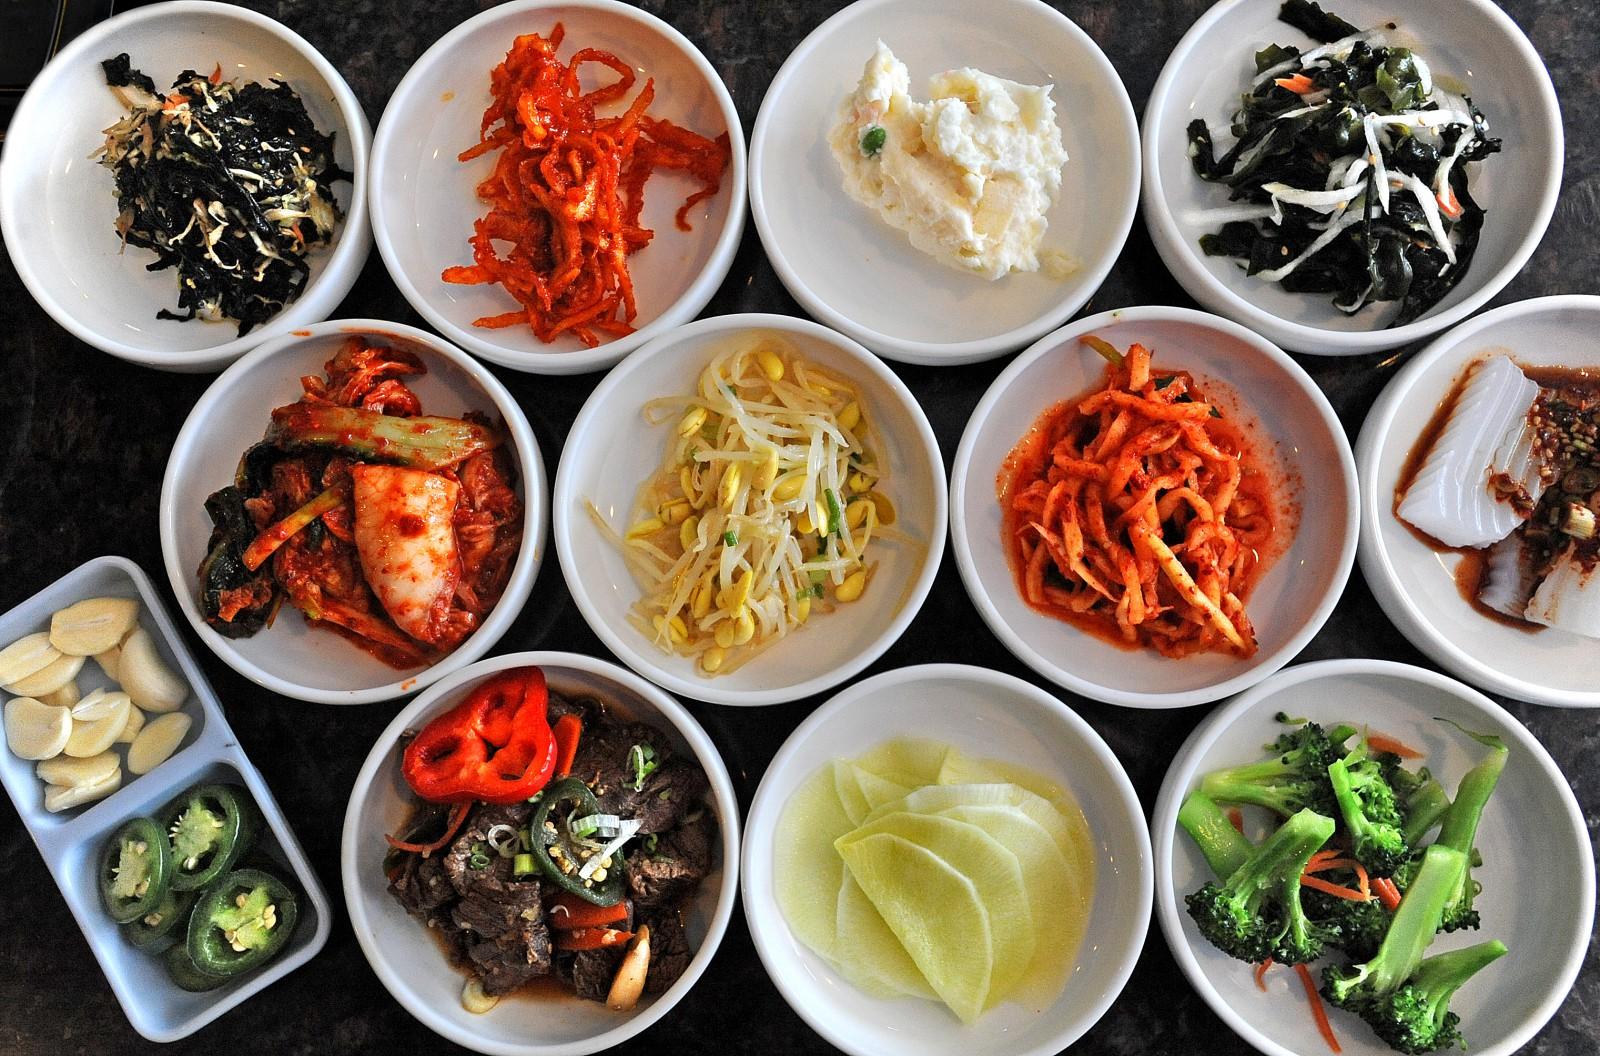 Các món kim chi trong bữa cơm của người Hàn Quốc.